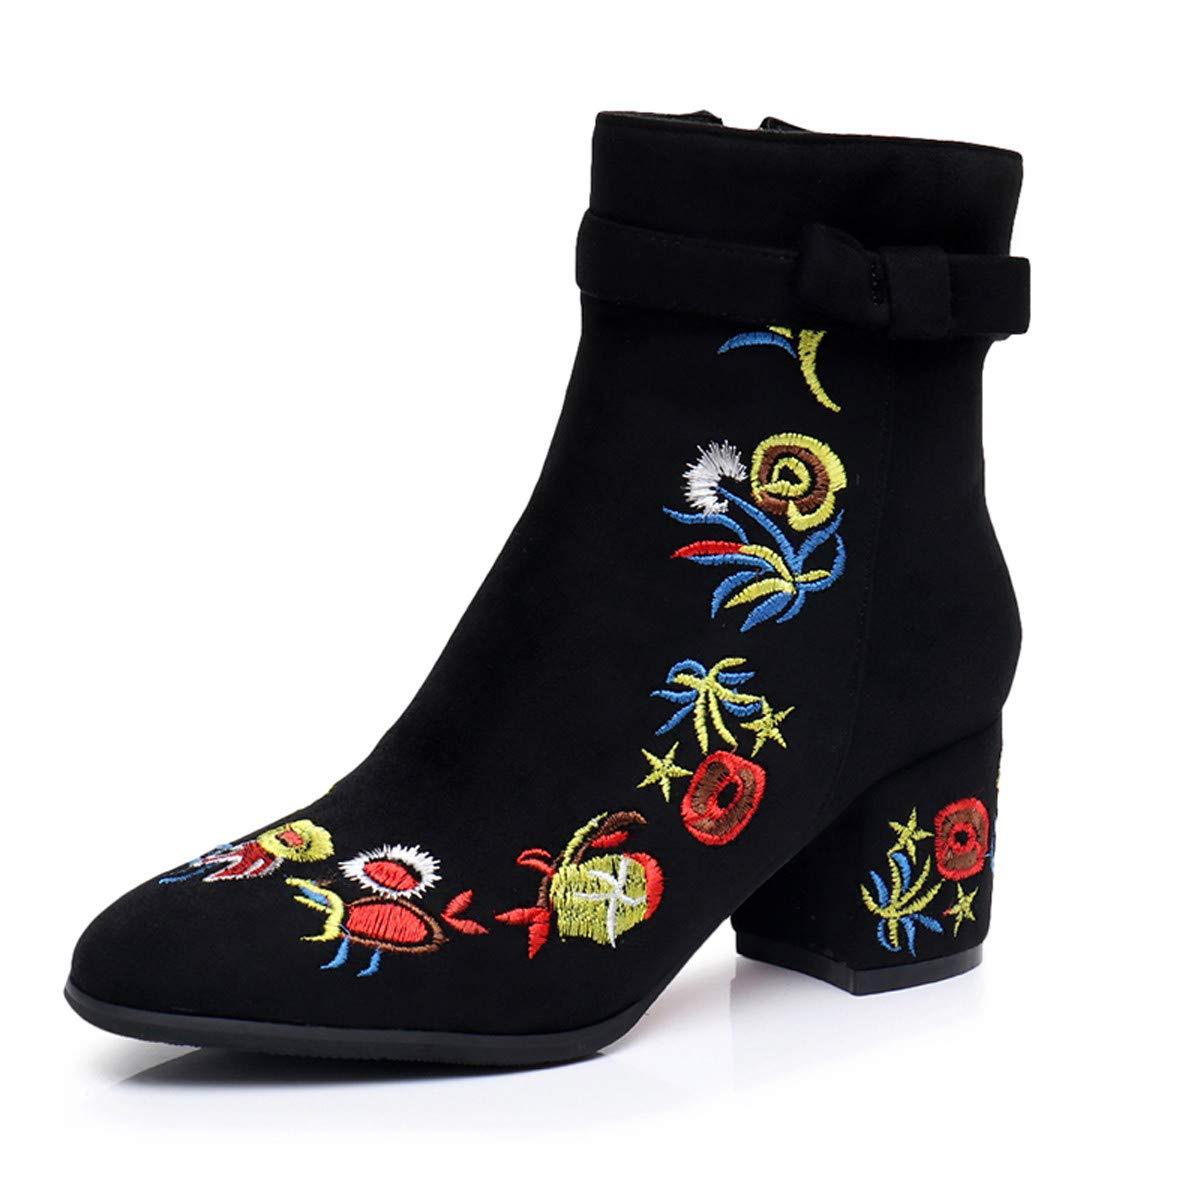 HBDLH Damenschuhe Baitie Schuhe Im Frühjahr Und Herbst Harte Harte Harte Sohle Samt Square Bestickte Stiefel Ethnischem Stil b49e2b